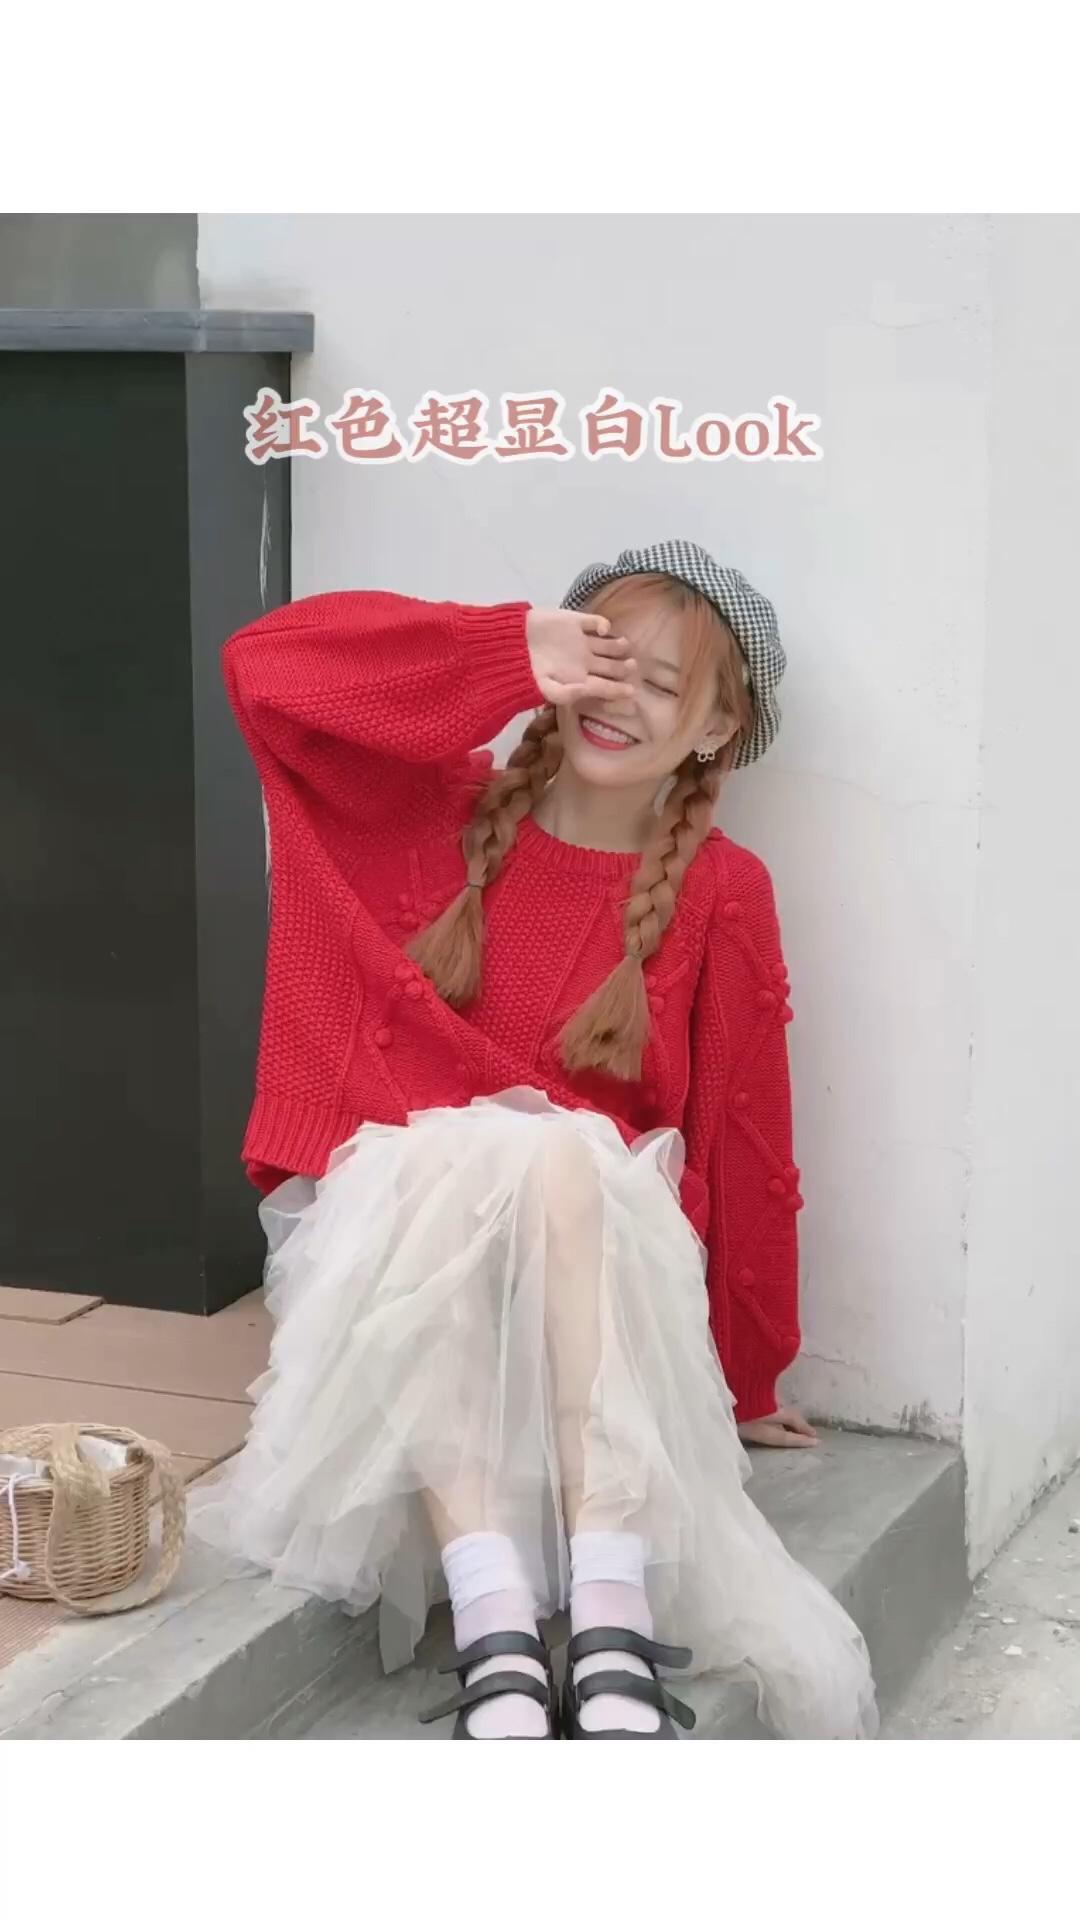 #秋装上新穿搭打卡# 红色的毛衣真的太显白了吧!!! 搭配纱裙,完全仙女有没有!开学这一套,绝对一下抓住男神的眼睛! 人群中最显眼的那个一定是你啦! 毛衣上还有小球球的设计,很甜哦 心动不如行动呀!